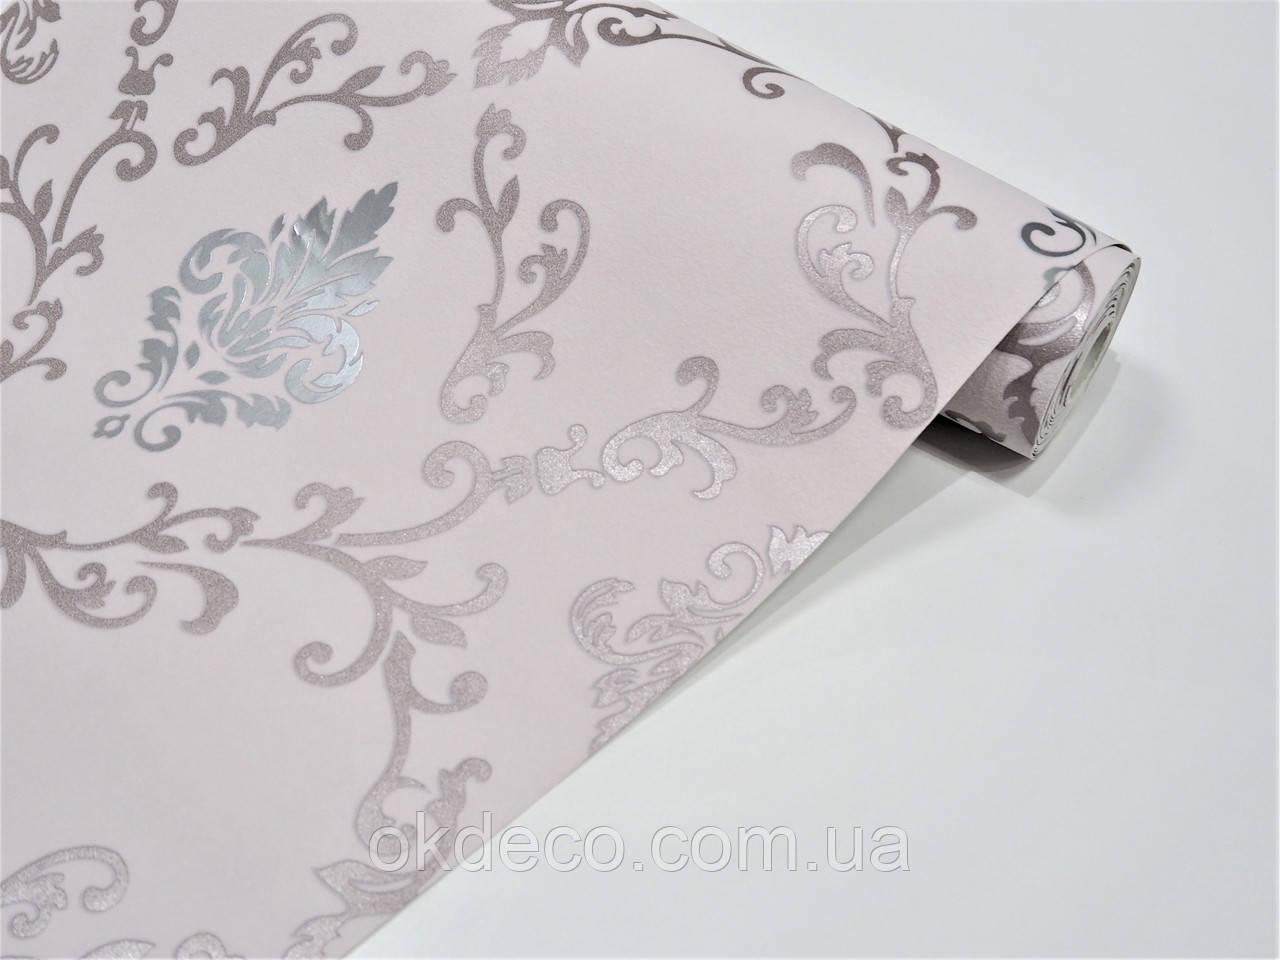 Обои виниловые на бумажной основе ArtGrand Bravo 85026BR23